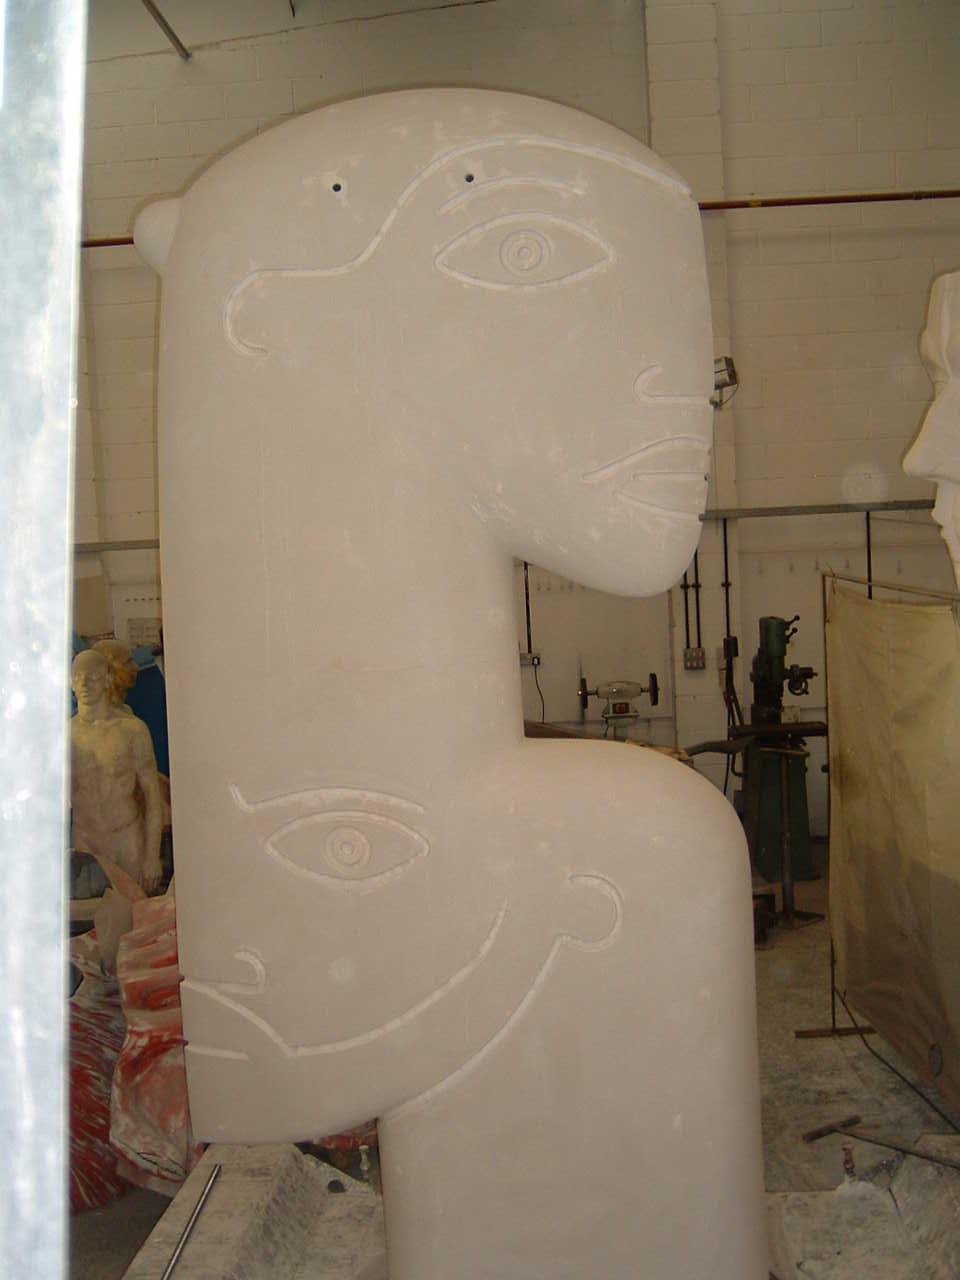 'Bronze' 'sculpture' by 'artist' Jon Buck, 'cast' at Pangolin Editions